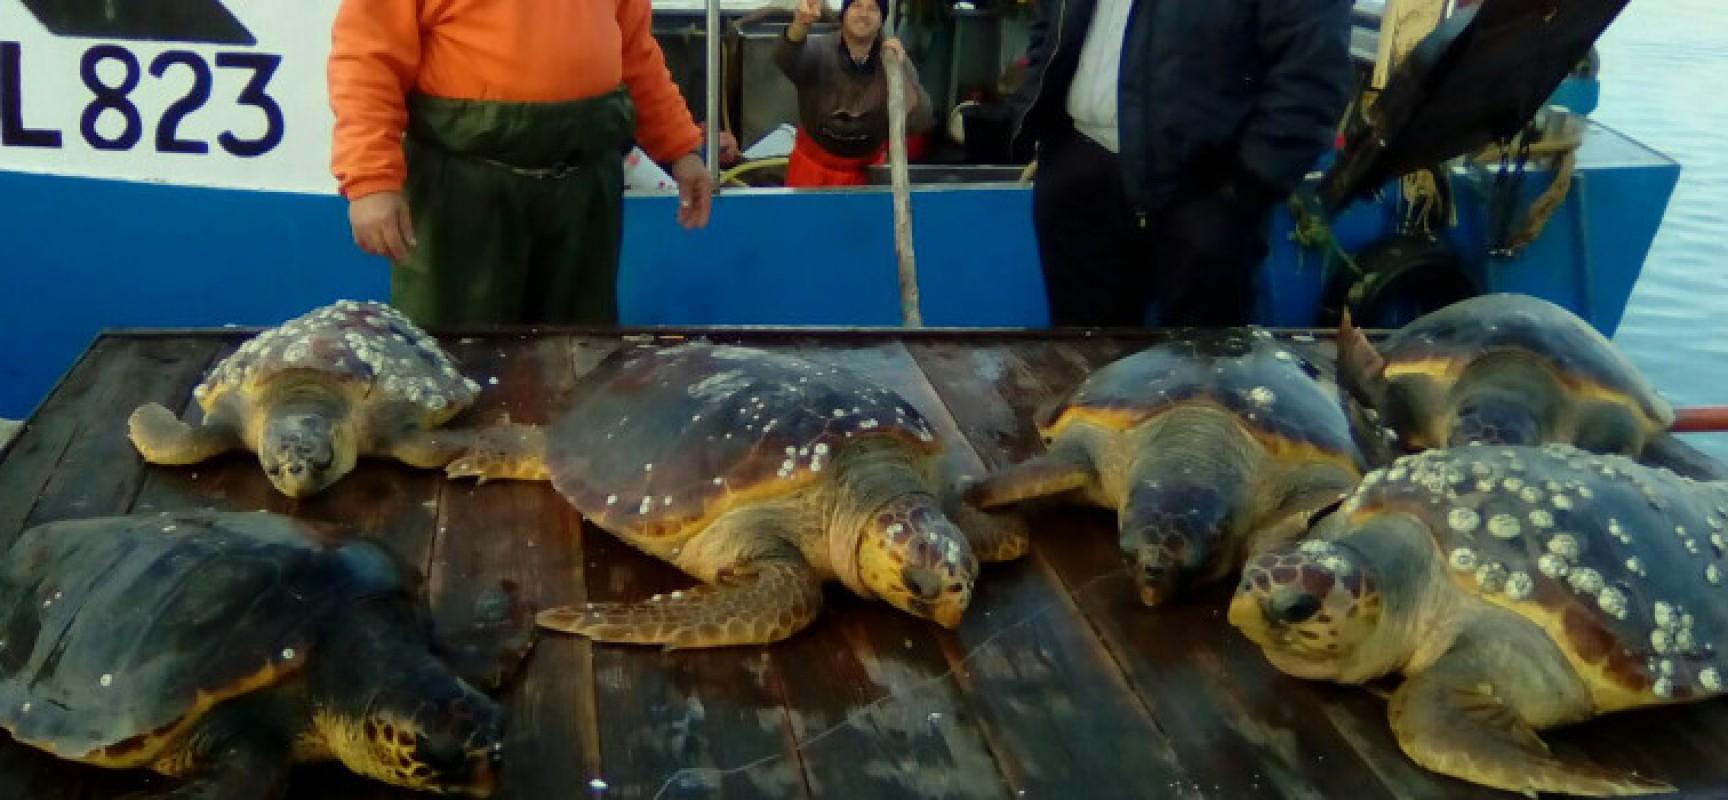 Recupero record di 18 tartarughe marine ad opera delle marinerie di Bisceglie e Trani / FOTO